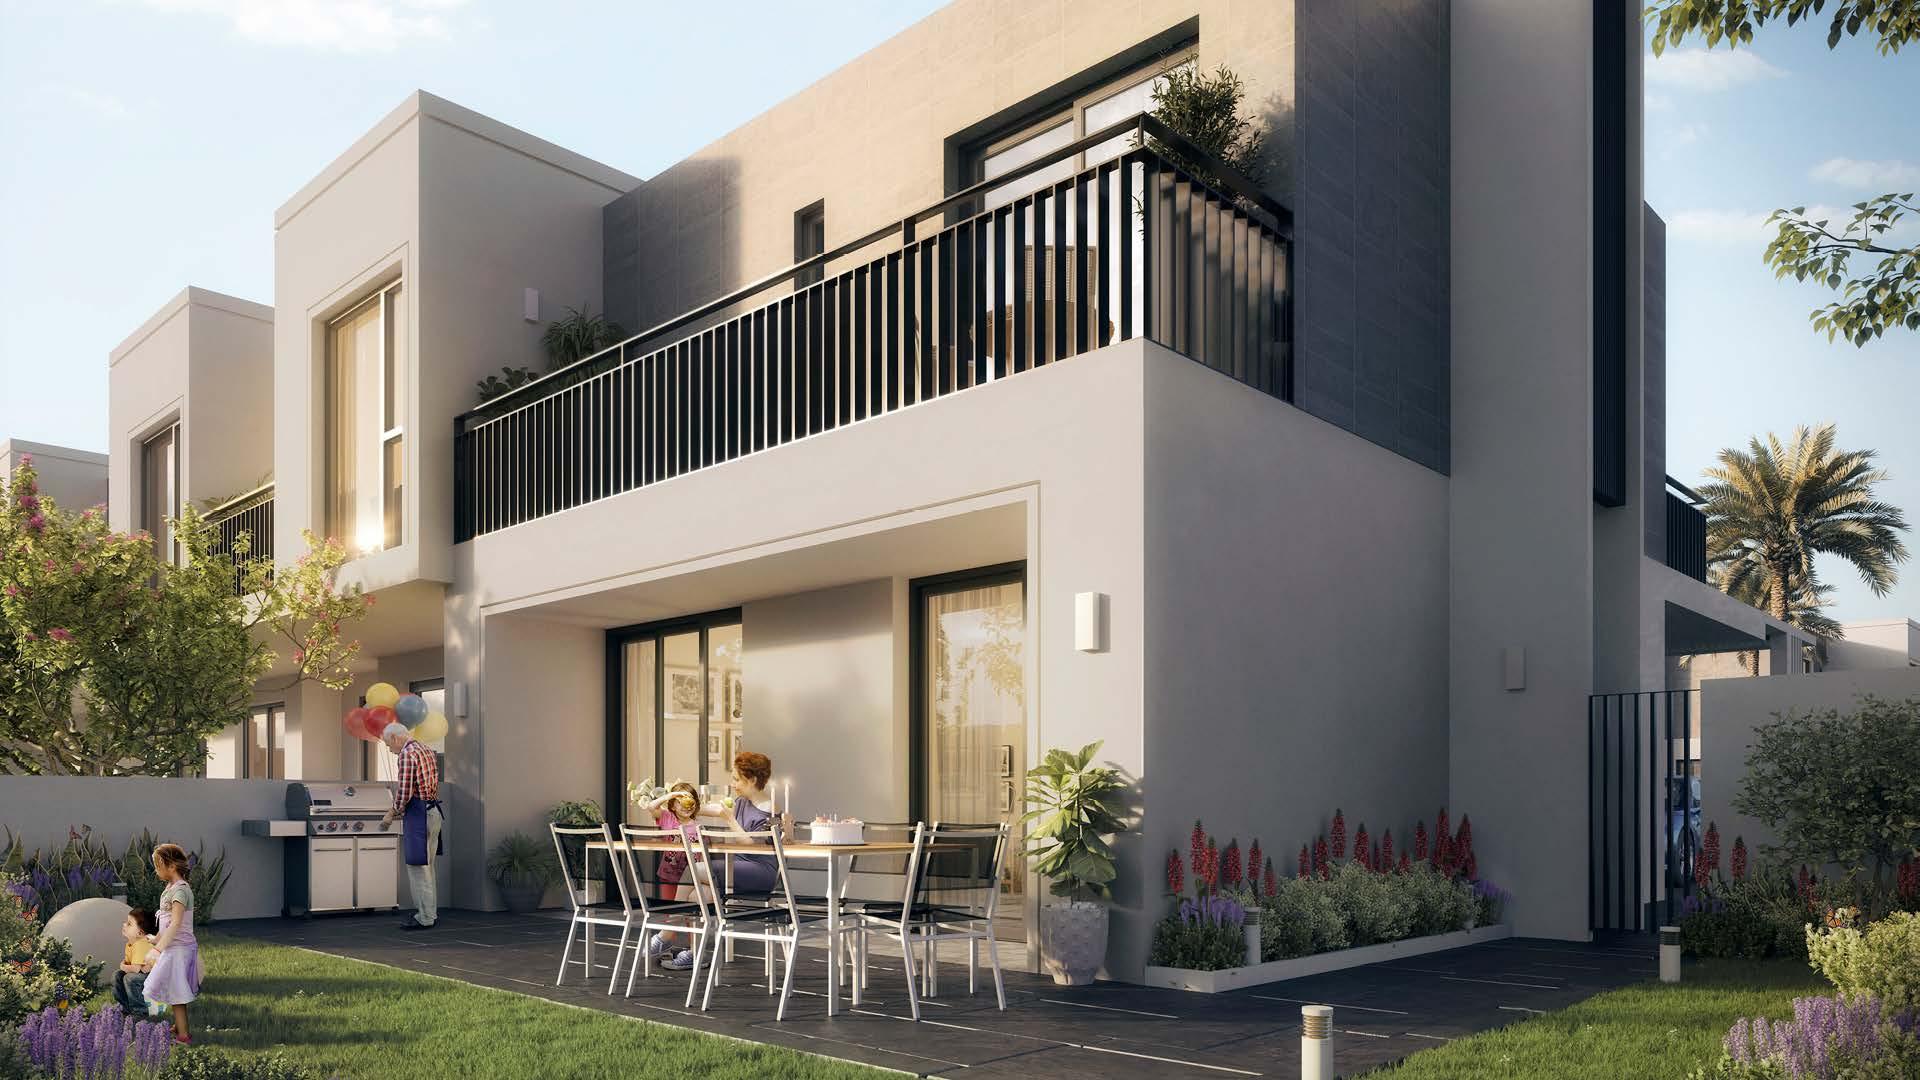 Villa en venta en Dubai, EAU, 3 dormitorios, 193 m2, № 24247 – foto 1